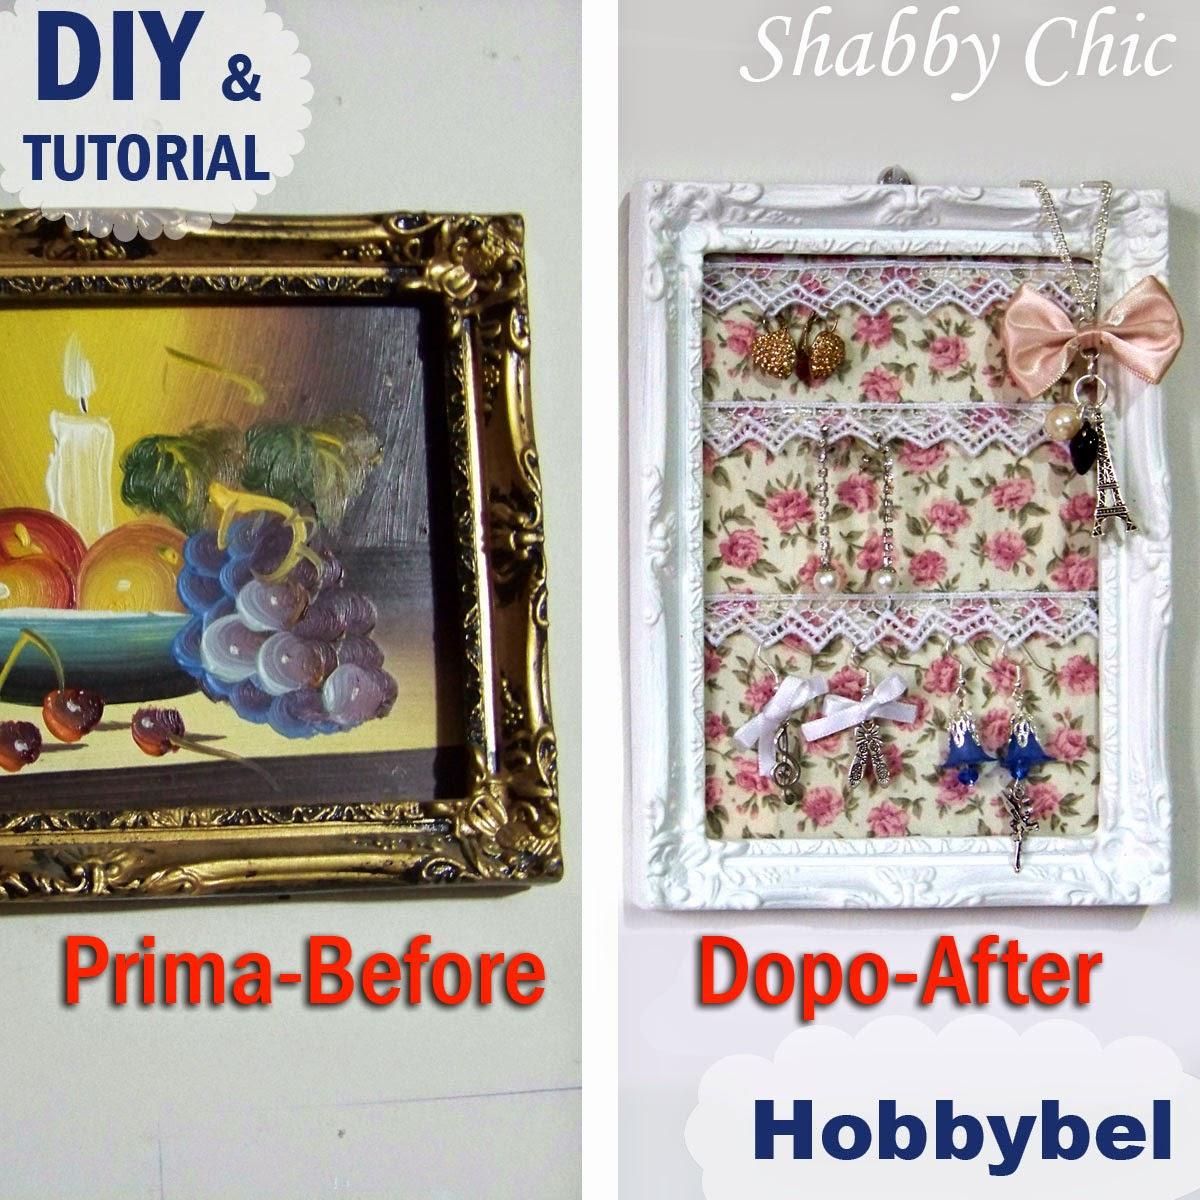 Porta orecchini espositore bijoux shabby chic tutorial diy jewels organizer riciclo - Portagioielli fai da te ...